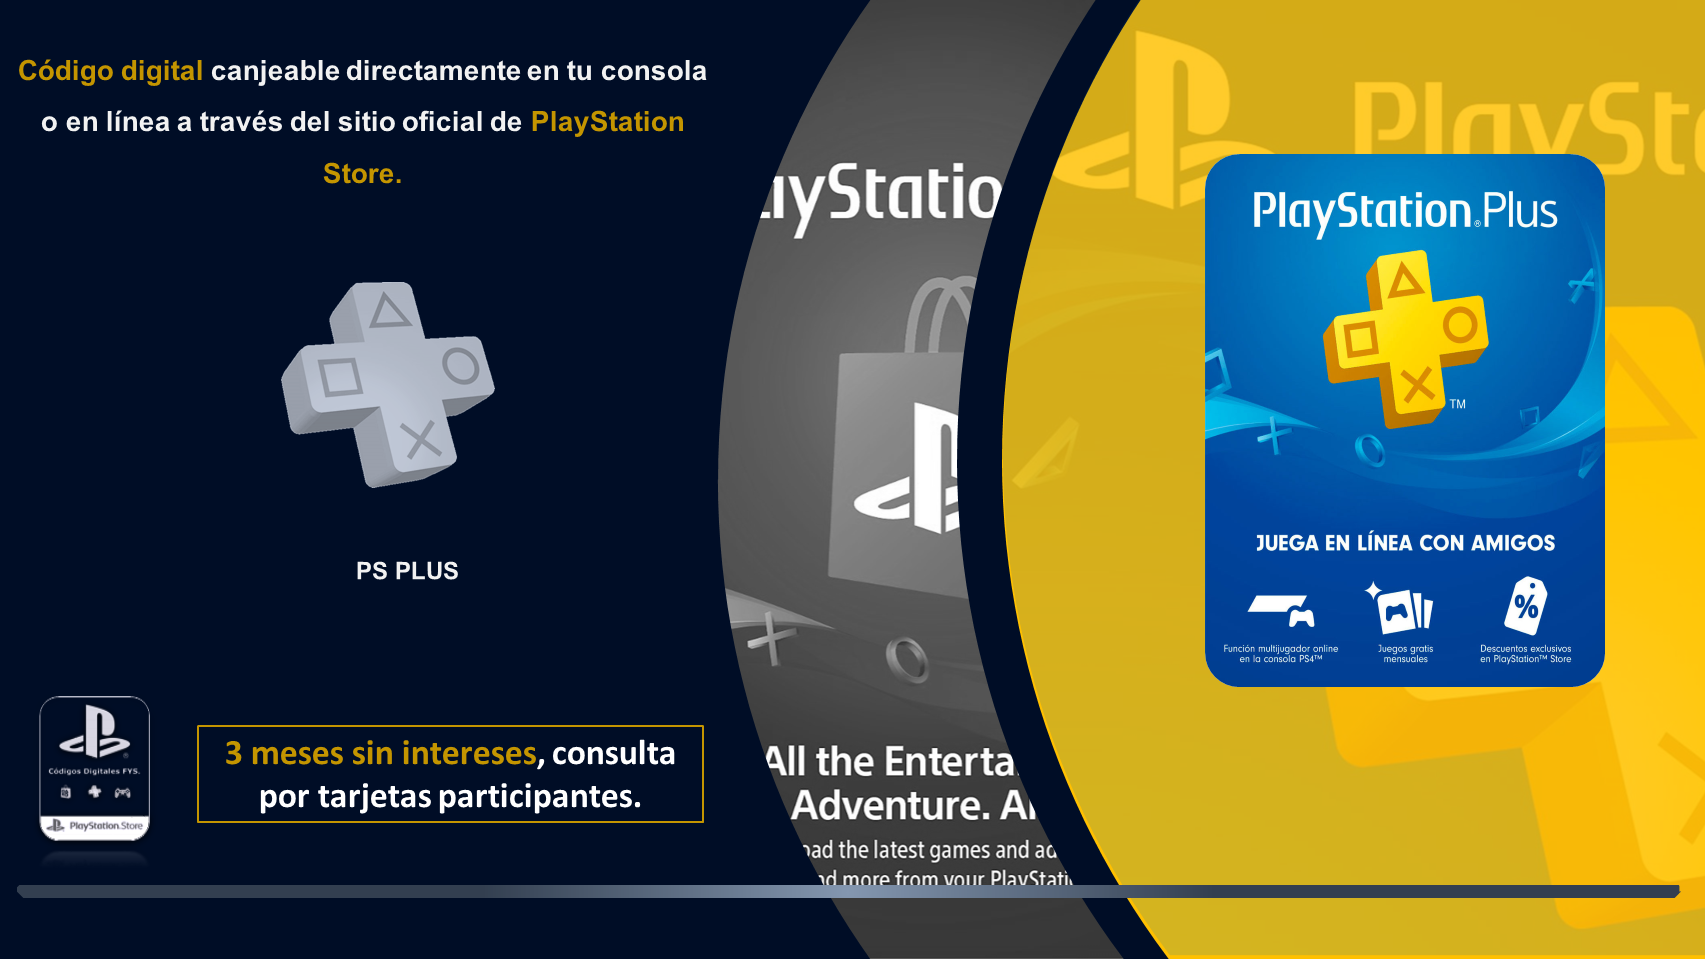 Ps Plus Promoción Diseño De Presentación Disenos De Unas Consola